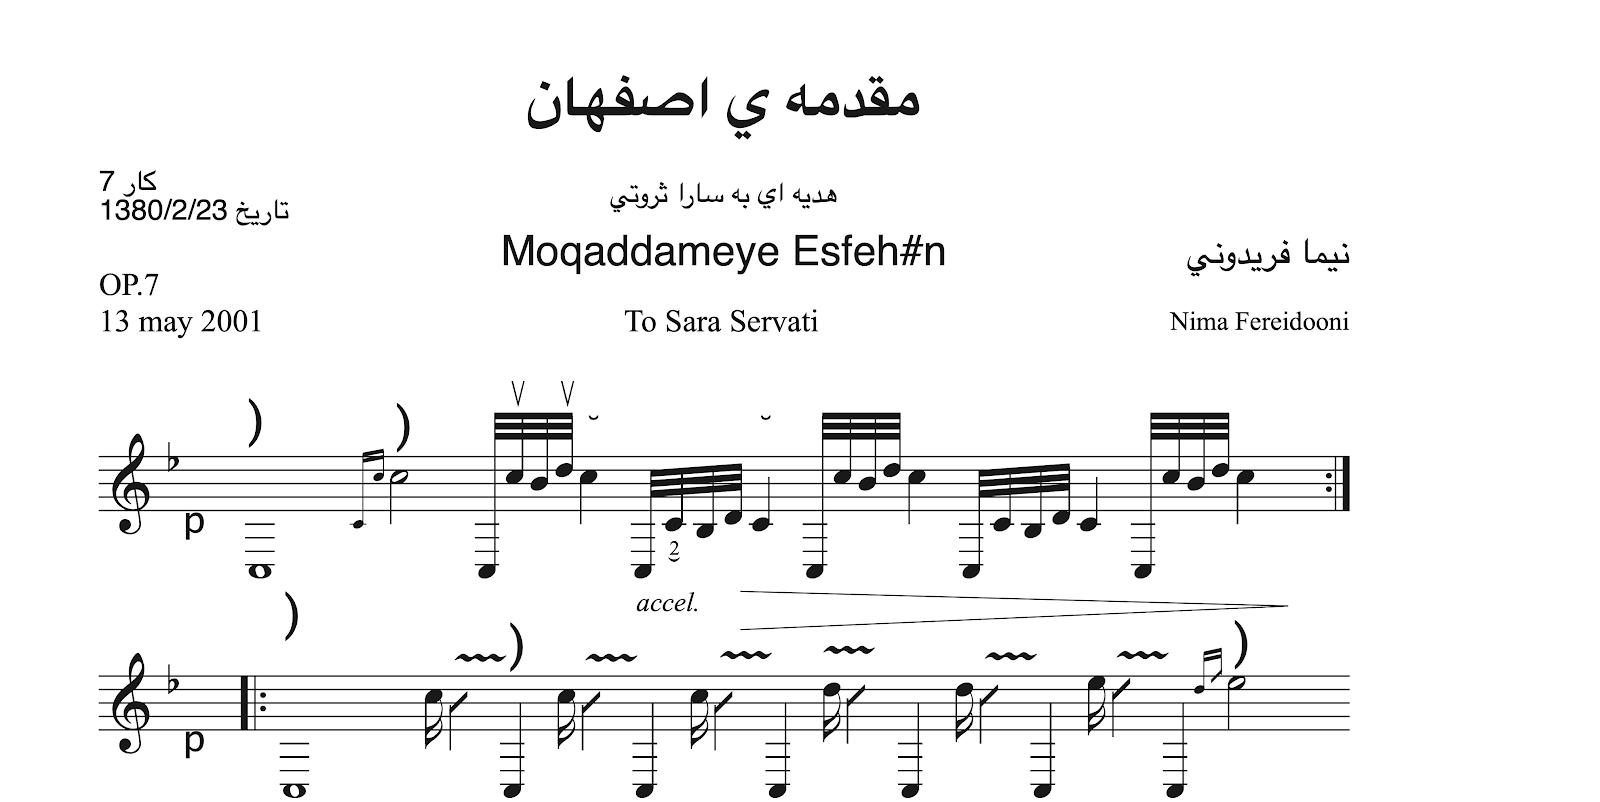 نت مقدمه اصفهان مایه دو نیما فریدونی